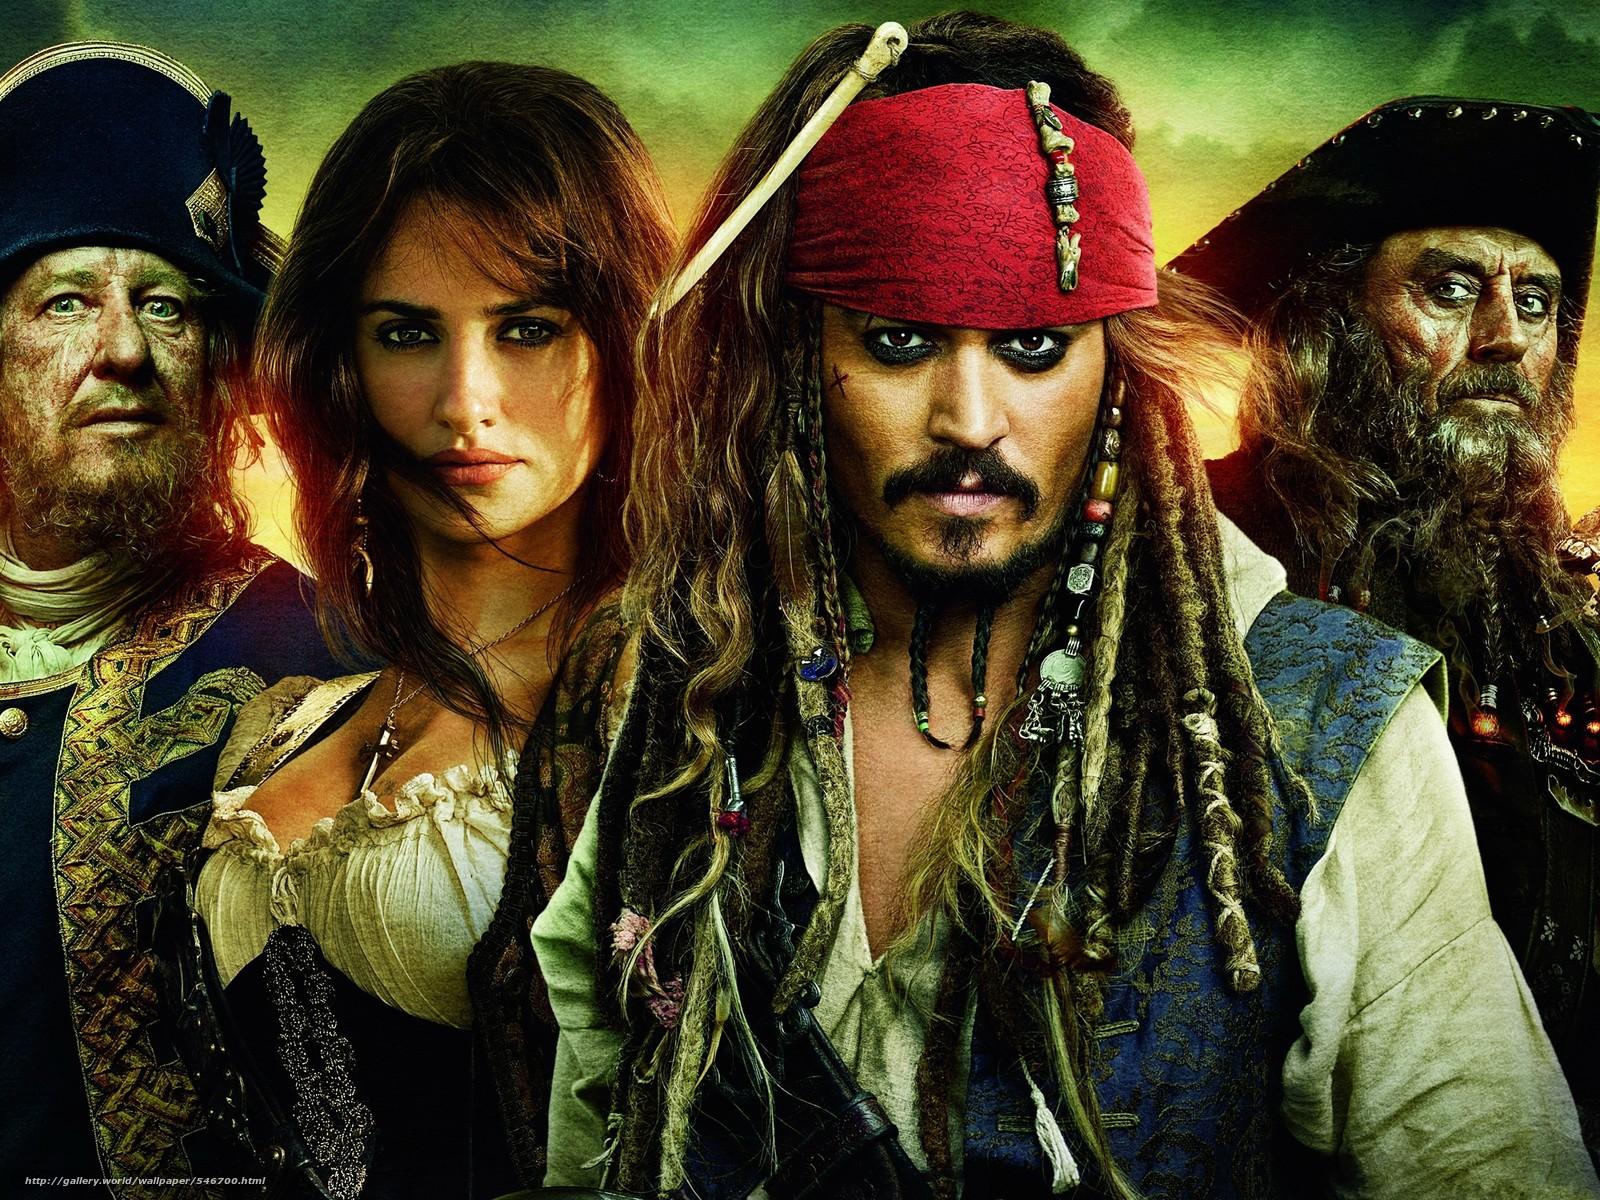 Descargar gratis Johnny Depp,  Piratas del Caribe,  Johnny Depp,  Piratas del Caribe Fondos de escritorio en la resolucin 4096x3072 — imagen №546700